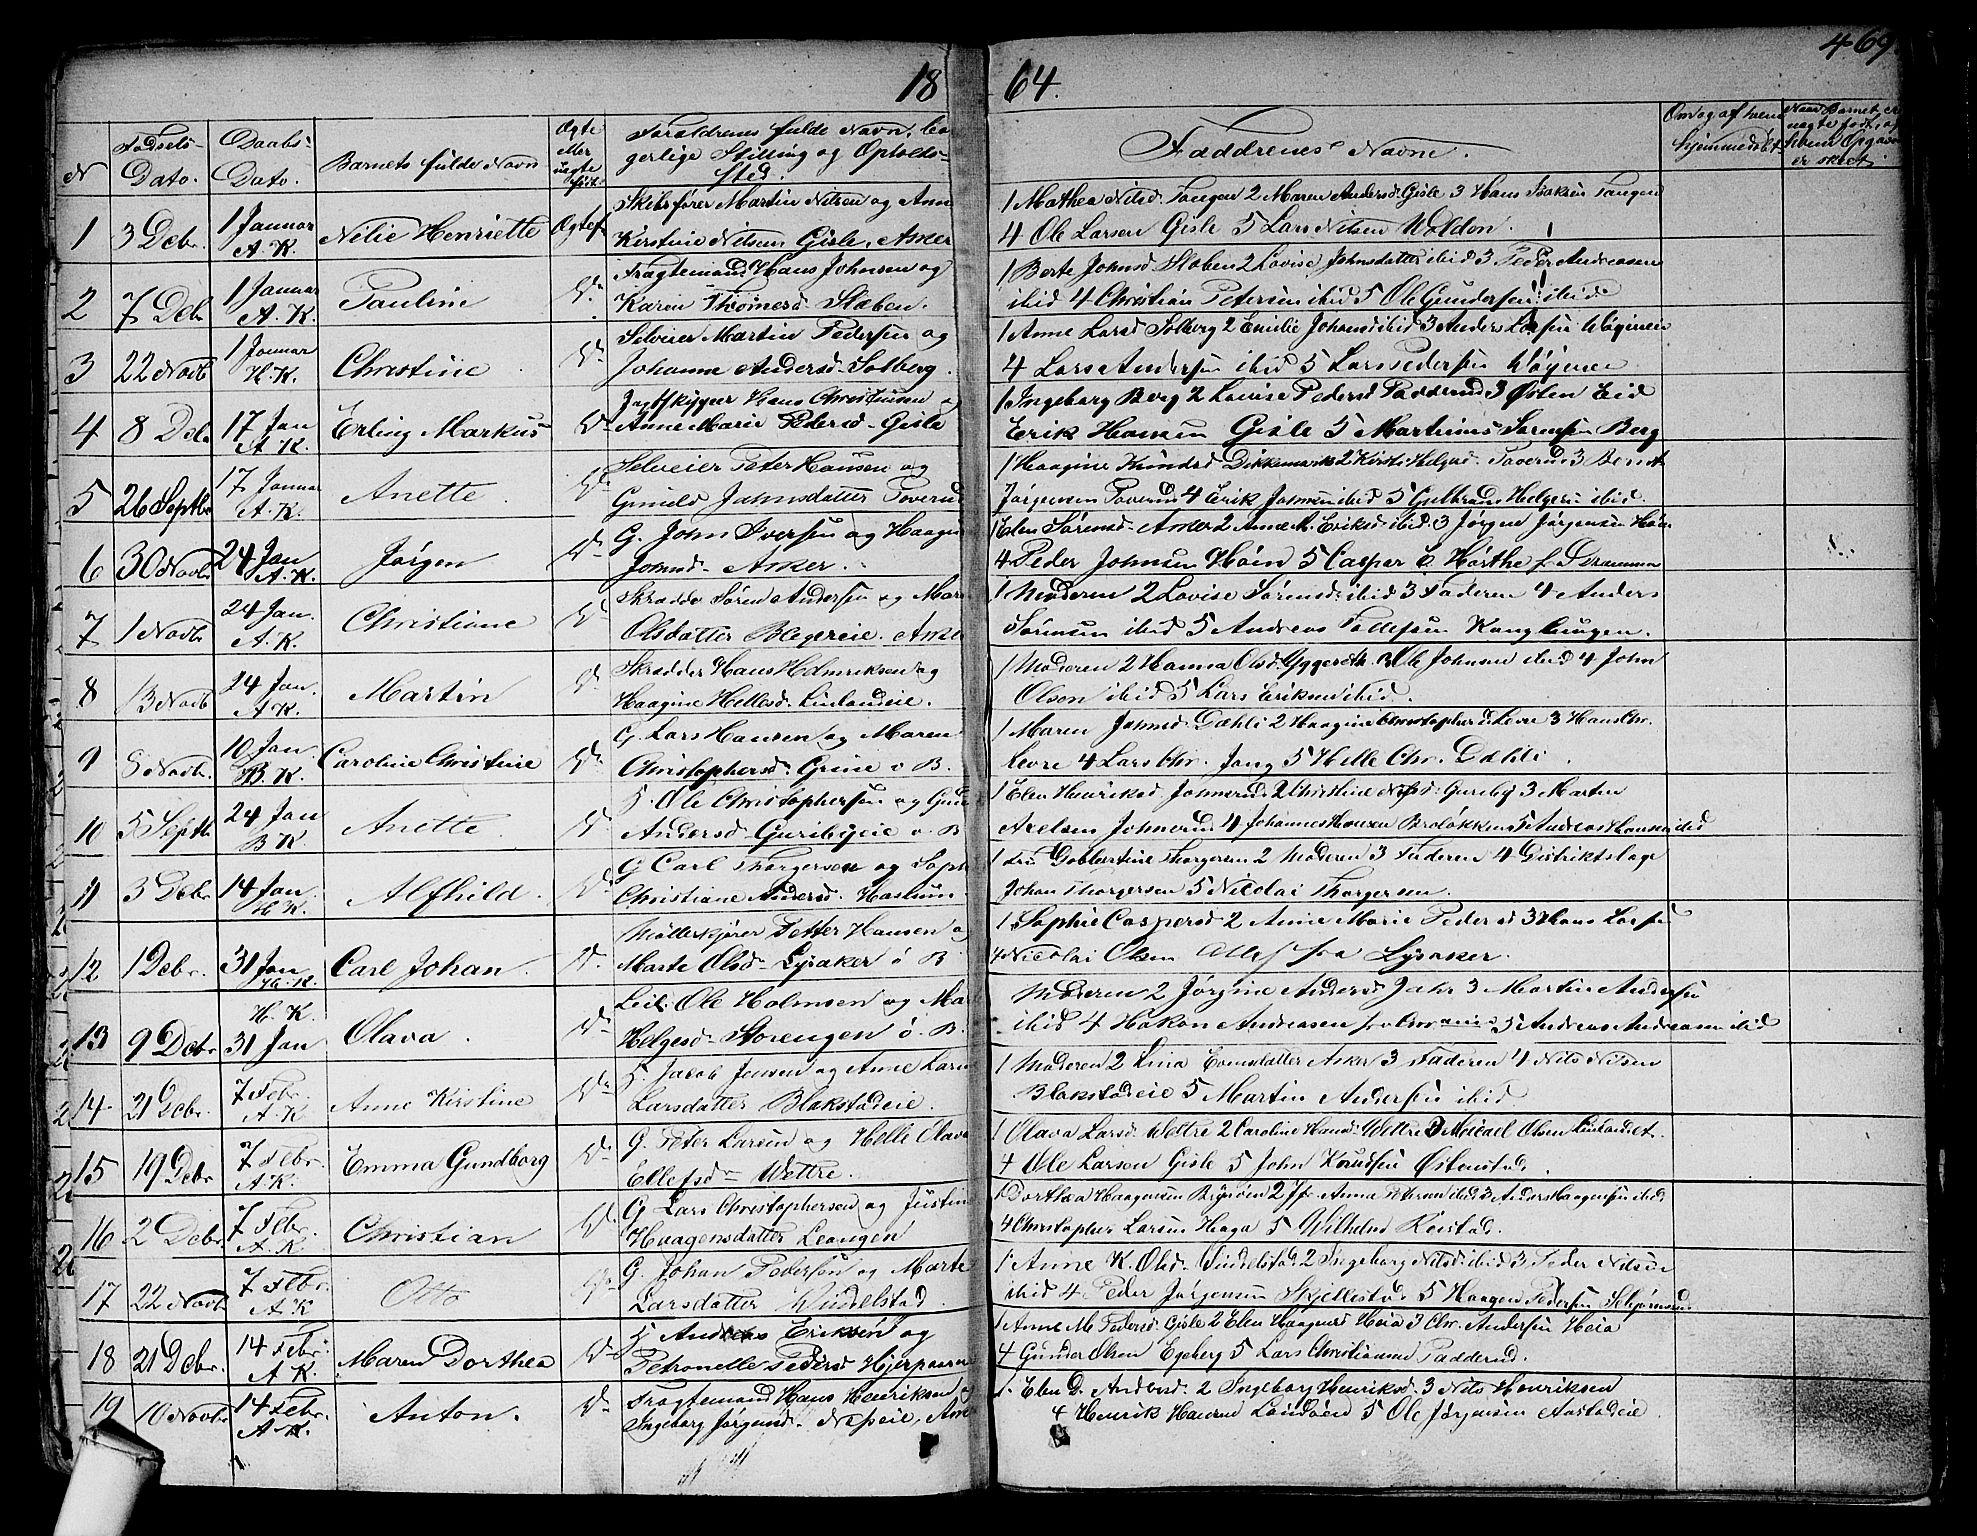 SAO, Asker prestekontor Kirkebøker, F/Fa/L0007: Ministerialbok nr. I 7, 1825-1864, s. 469